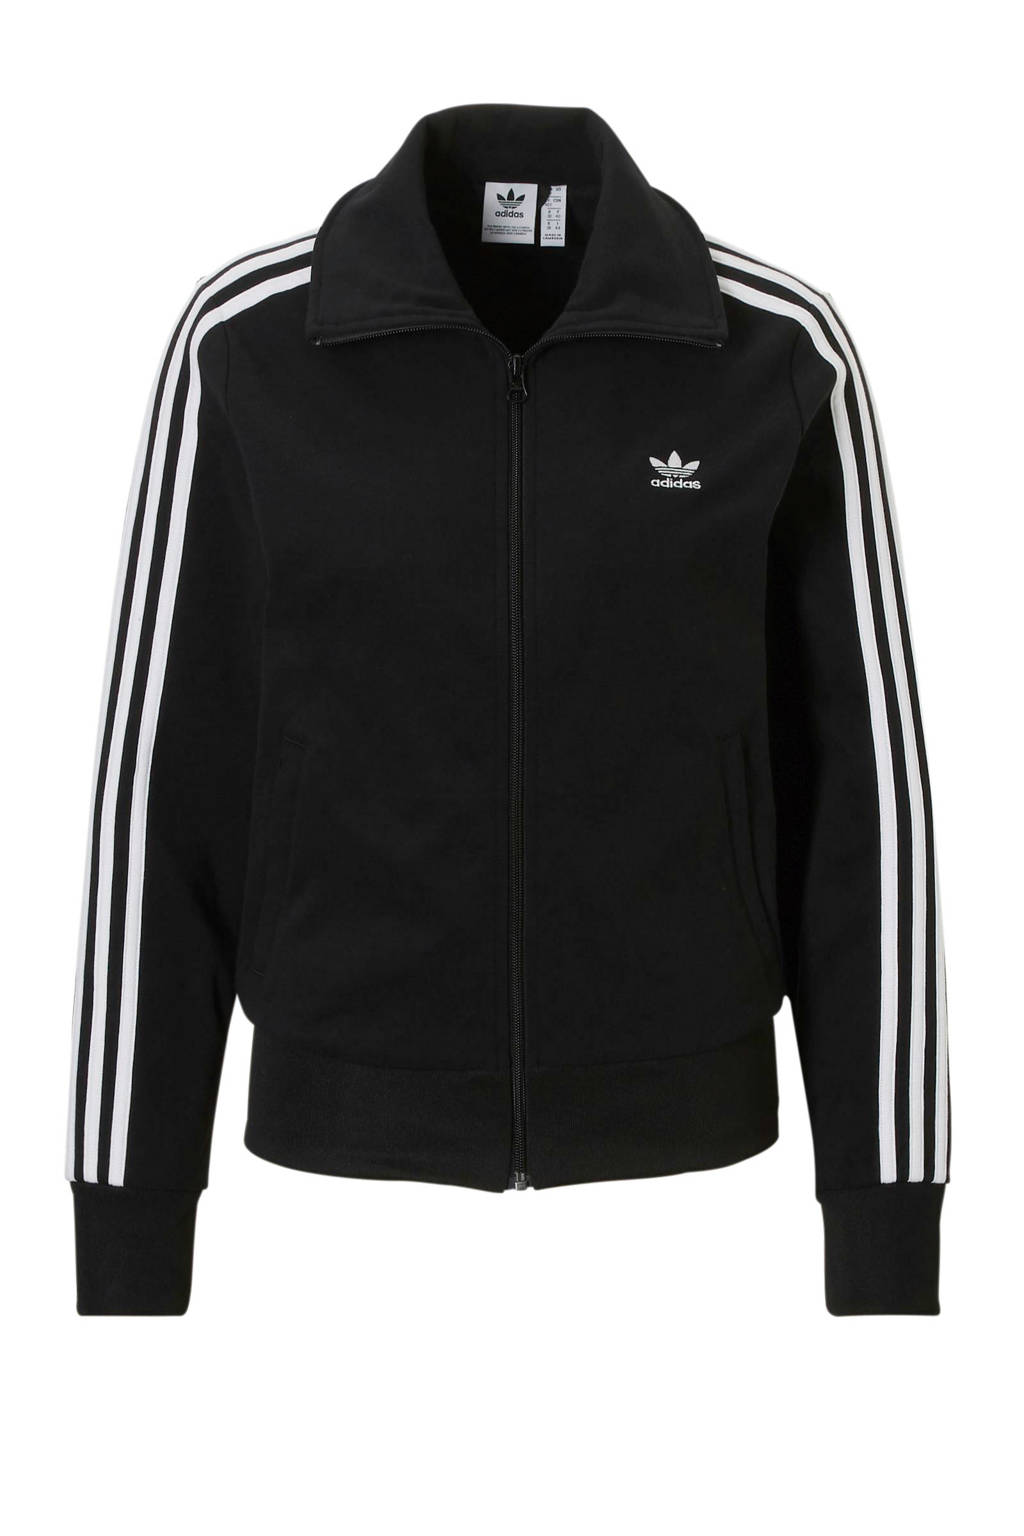 77a3730647f adidas originals vest zwart, Zwart/wit